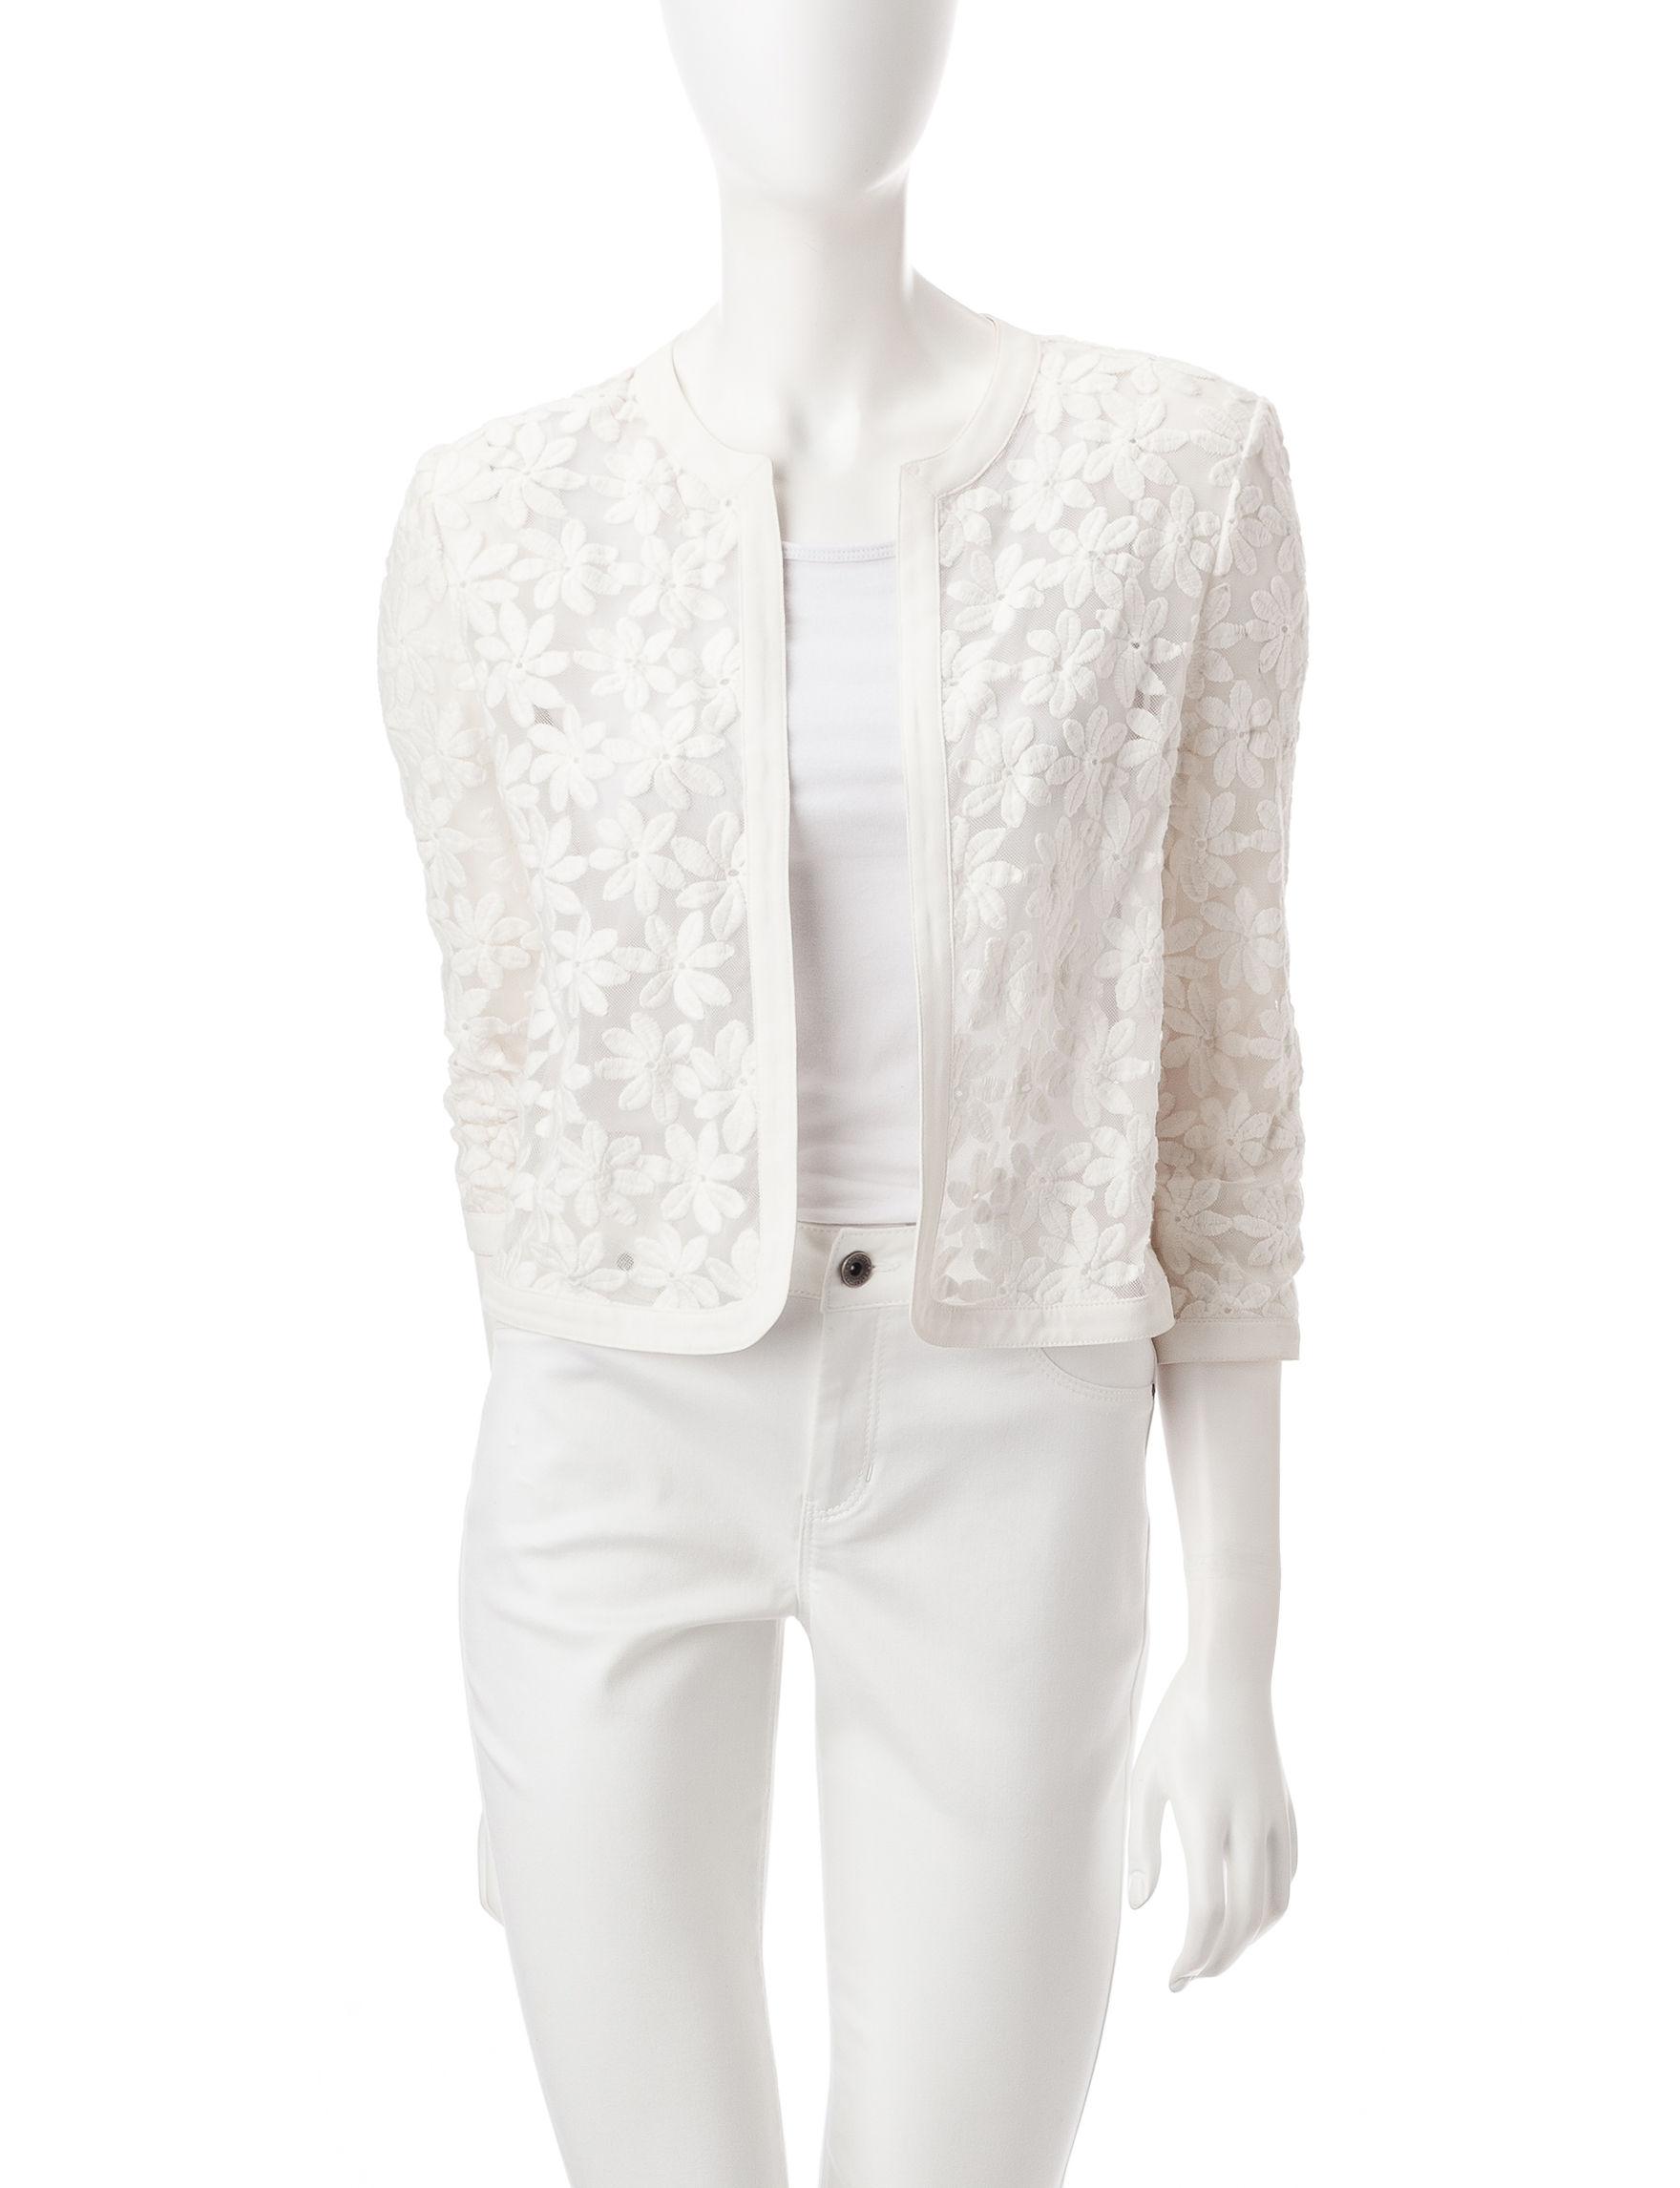 Anne Klein White Cardigans Lightweight Jackets & Blazers